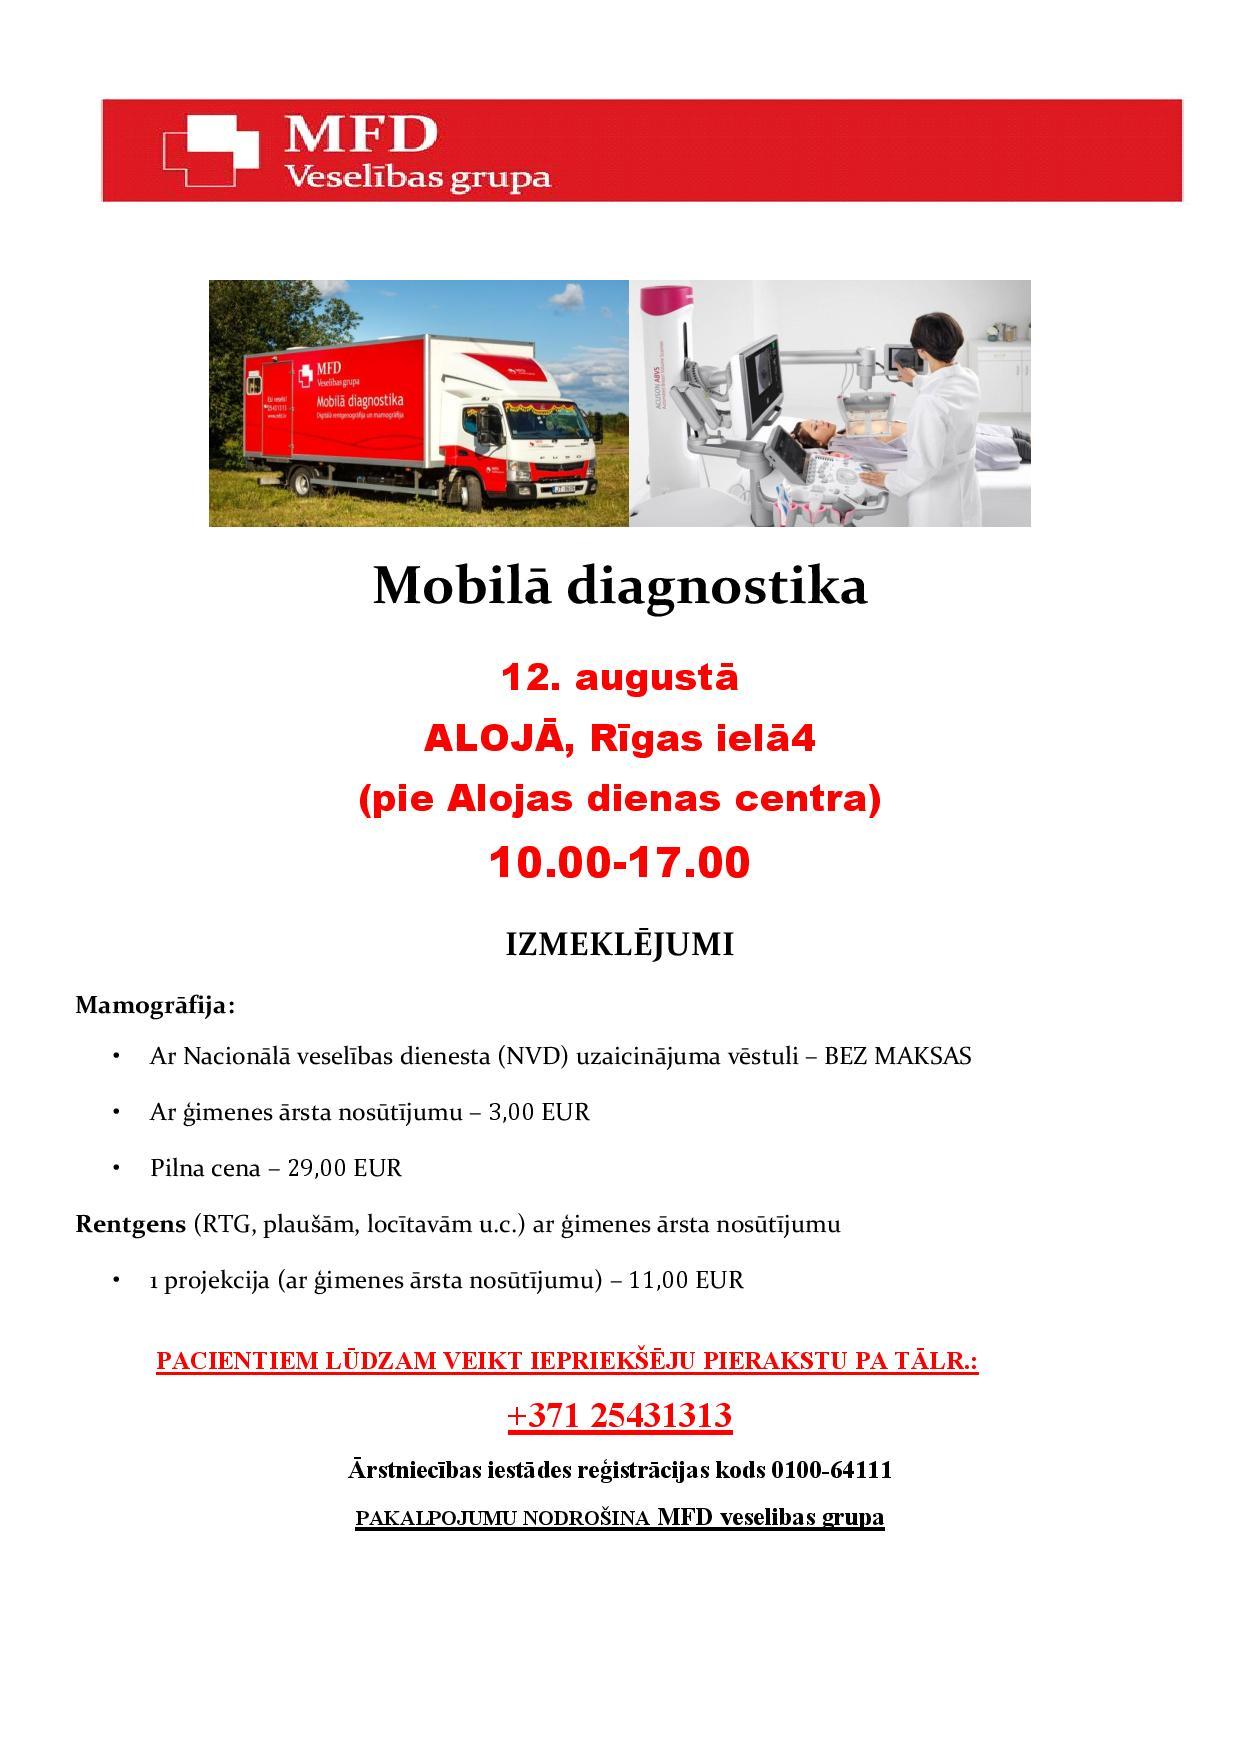 Mobilā diagnostika Alojā augustā